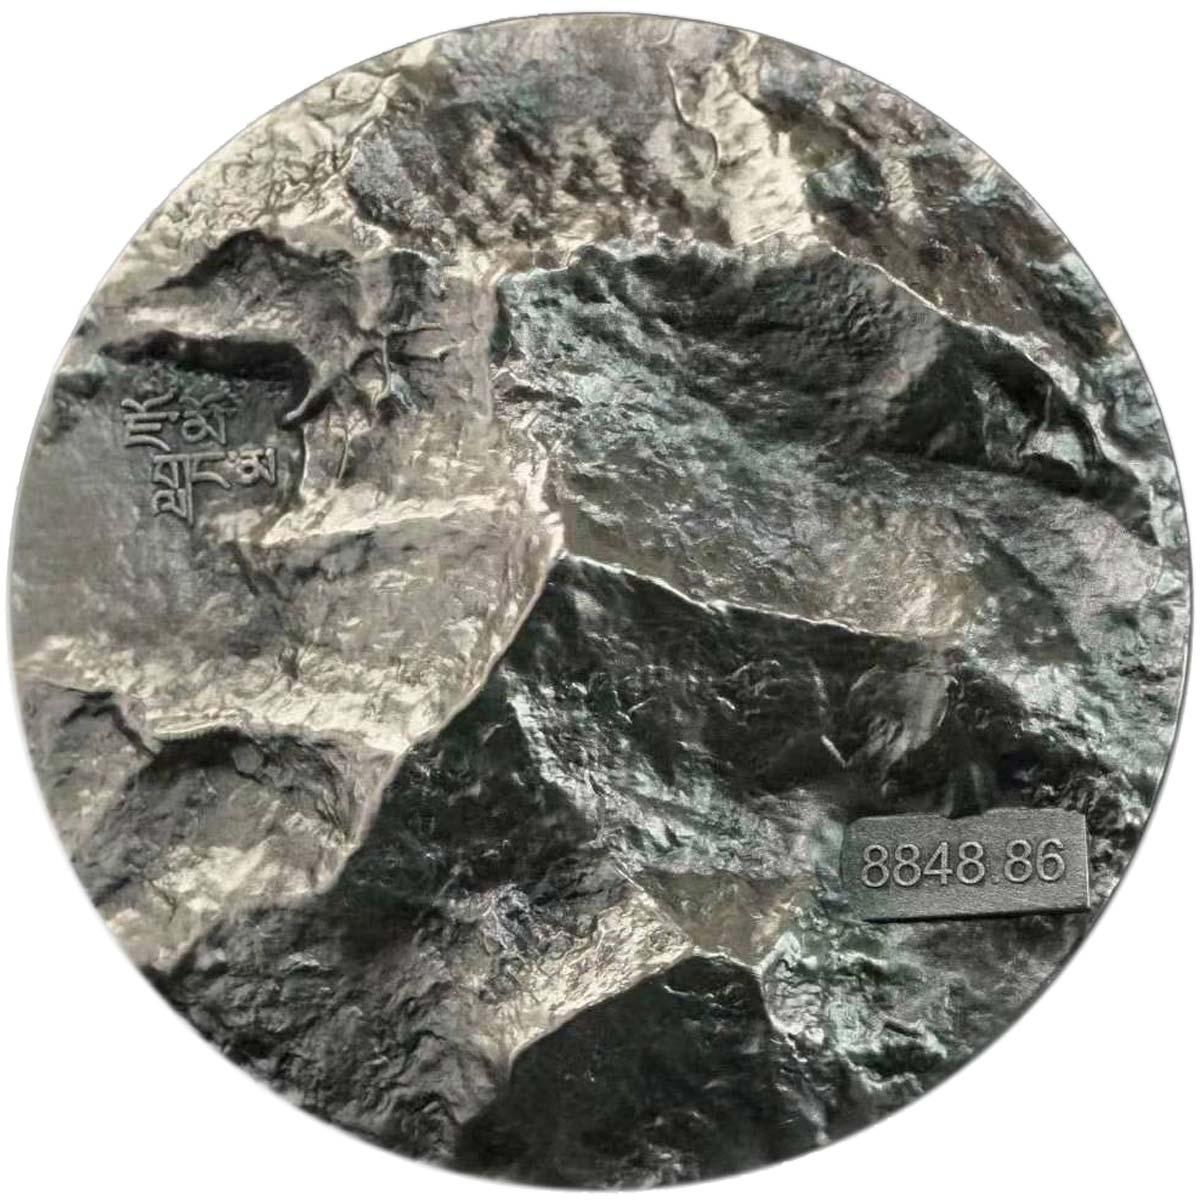 Камерун монета 2000 франков КФА Эверест, реверс